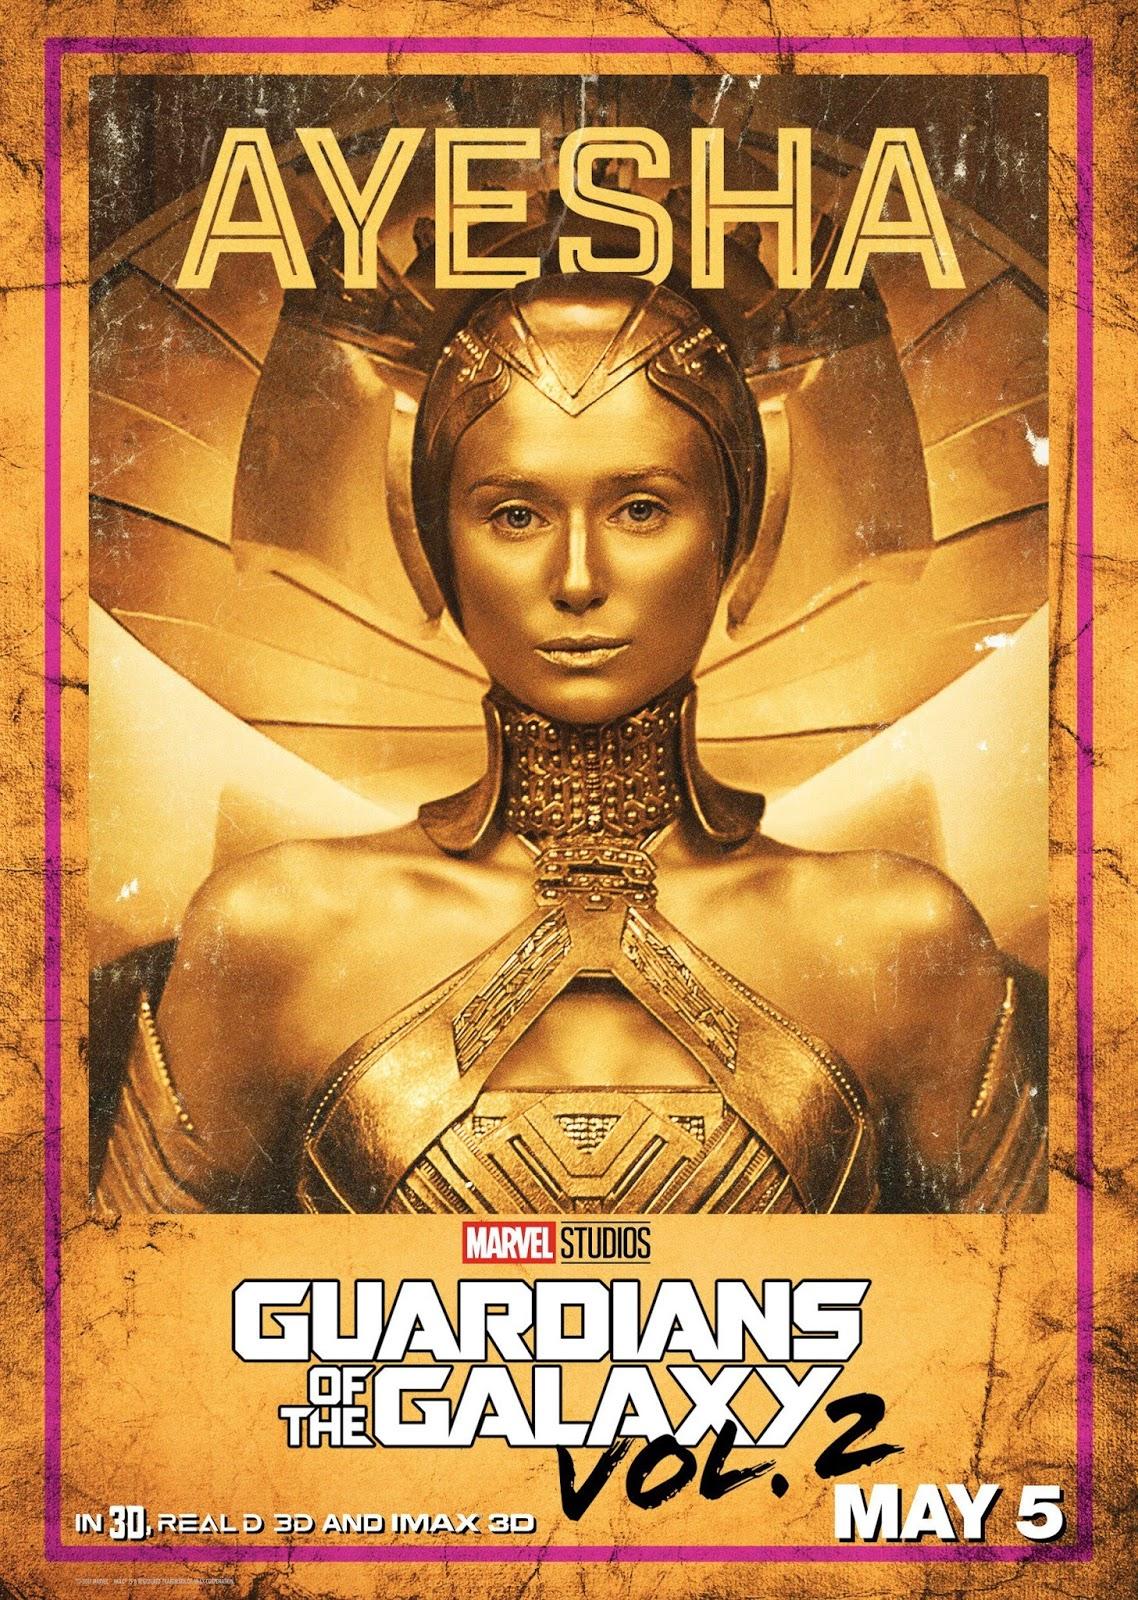 Стражи Галактики Часть 2, Guardians of the Galaxy Vol 2, Айеша, Ayesha